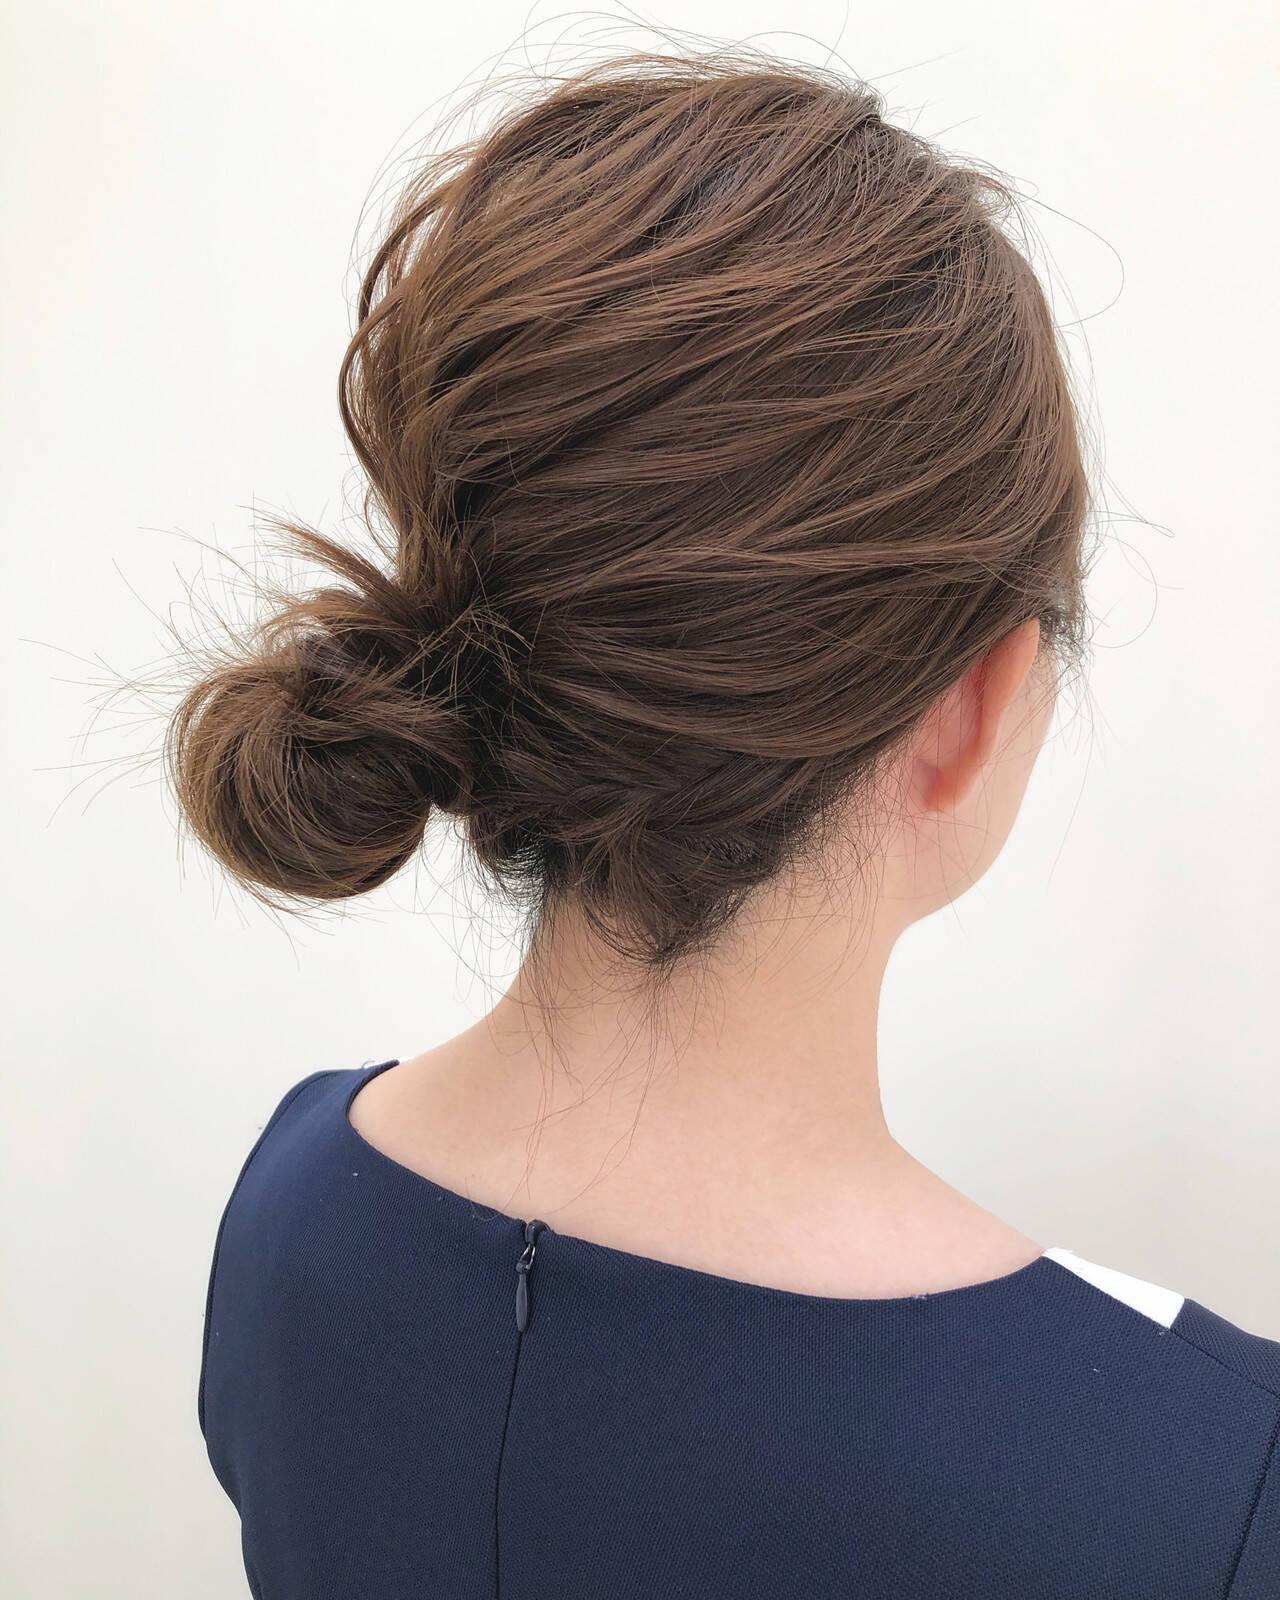 ヘアアレンジ ボブ ナチュラル 簡単ヘアアレンジヘアスタイルや髪型の写真・画像